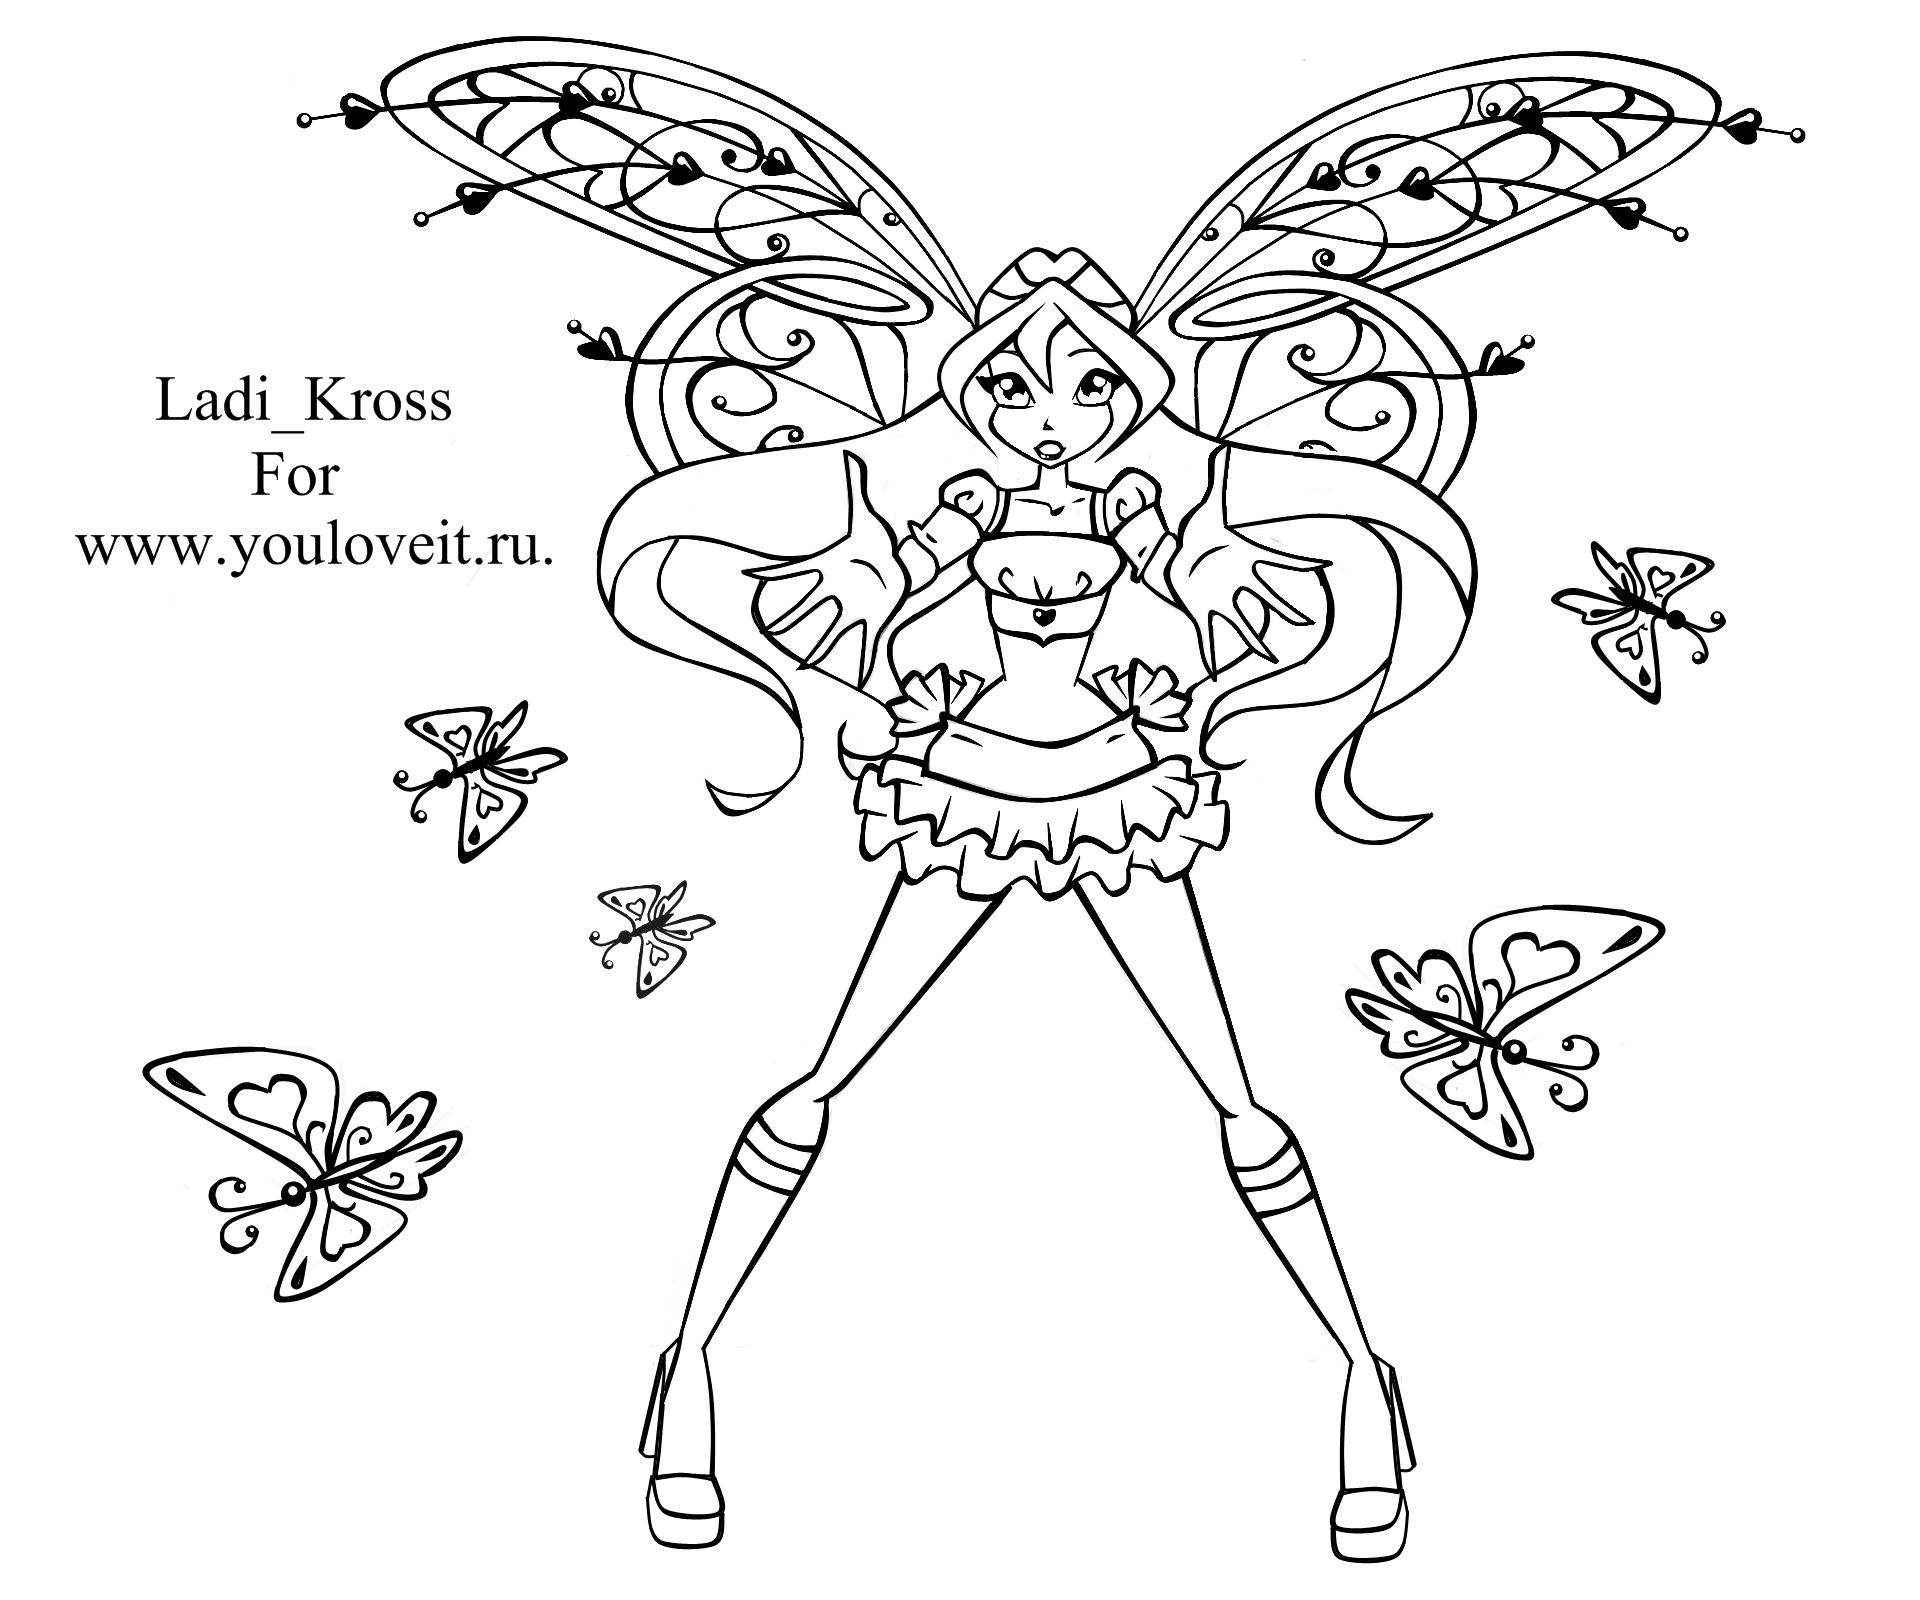 раскраска винкс беливикс блум - Раскраски Винкс - YouLoveIt.ru